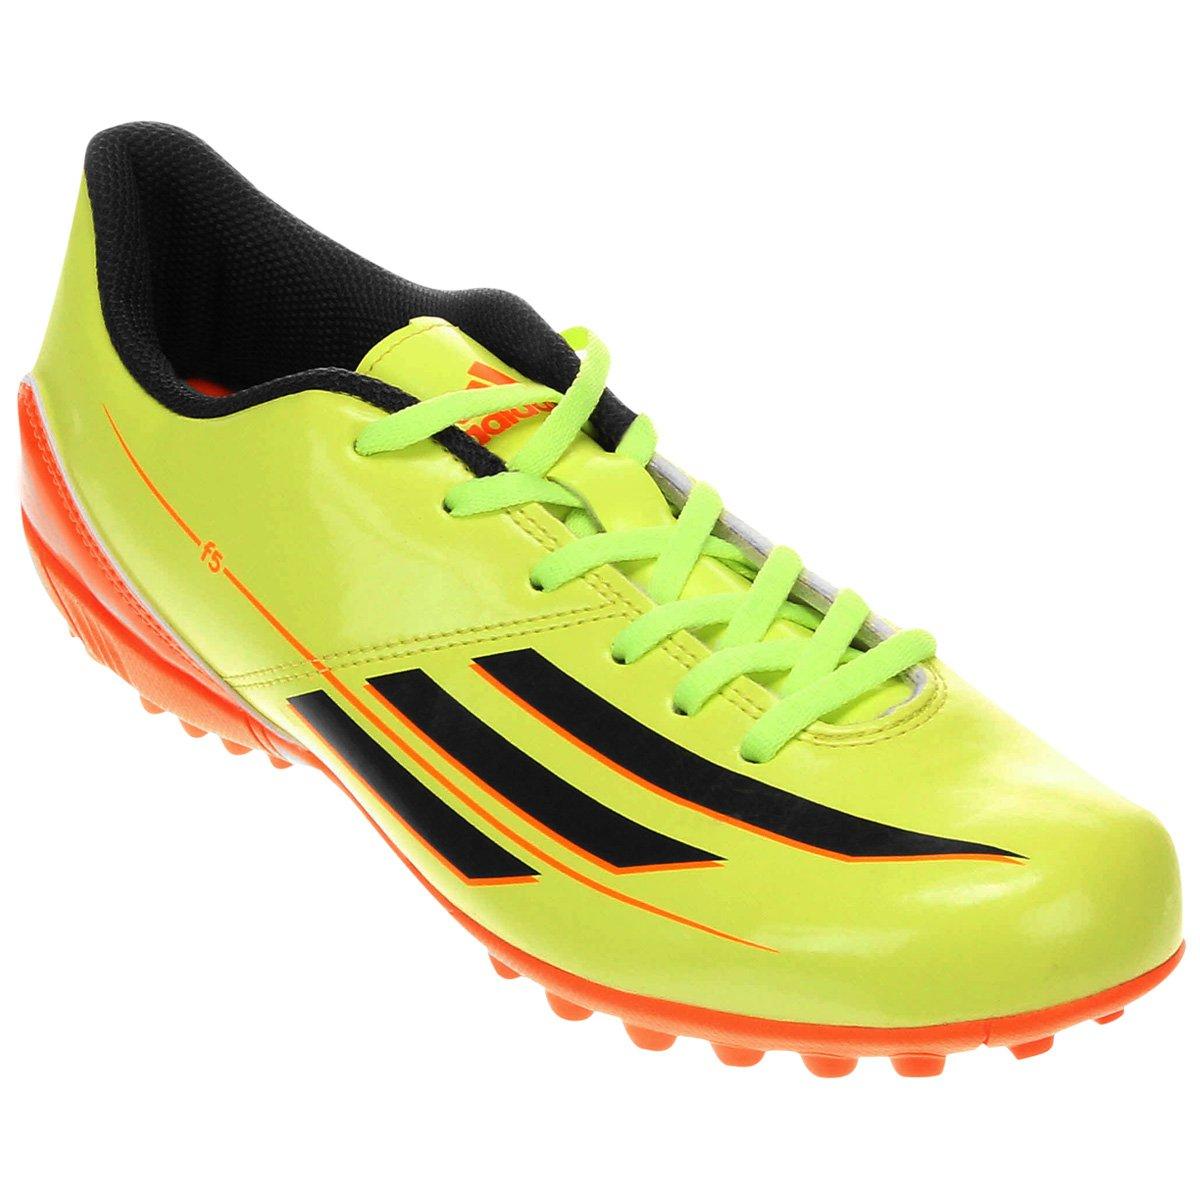 Chuteira Adidas F5 TRX TF - Compre Agora  e61fb3e2ecc35